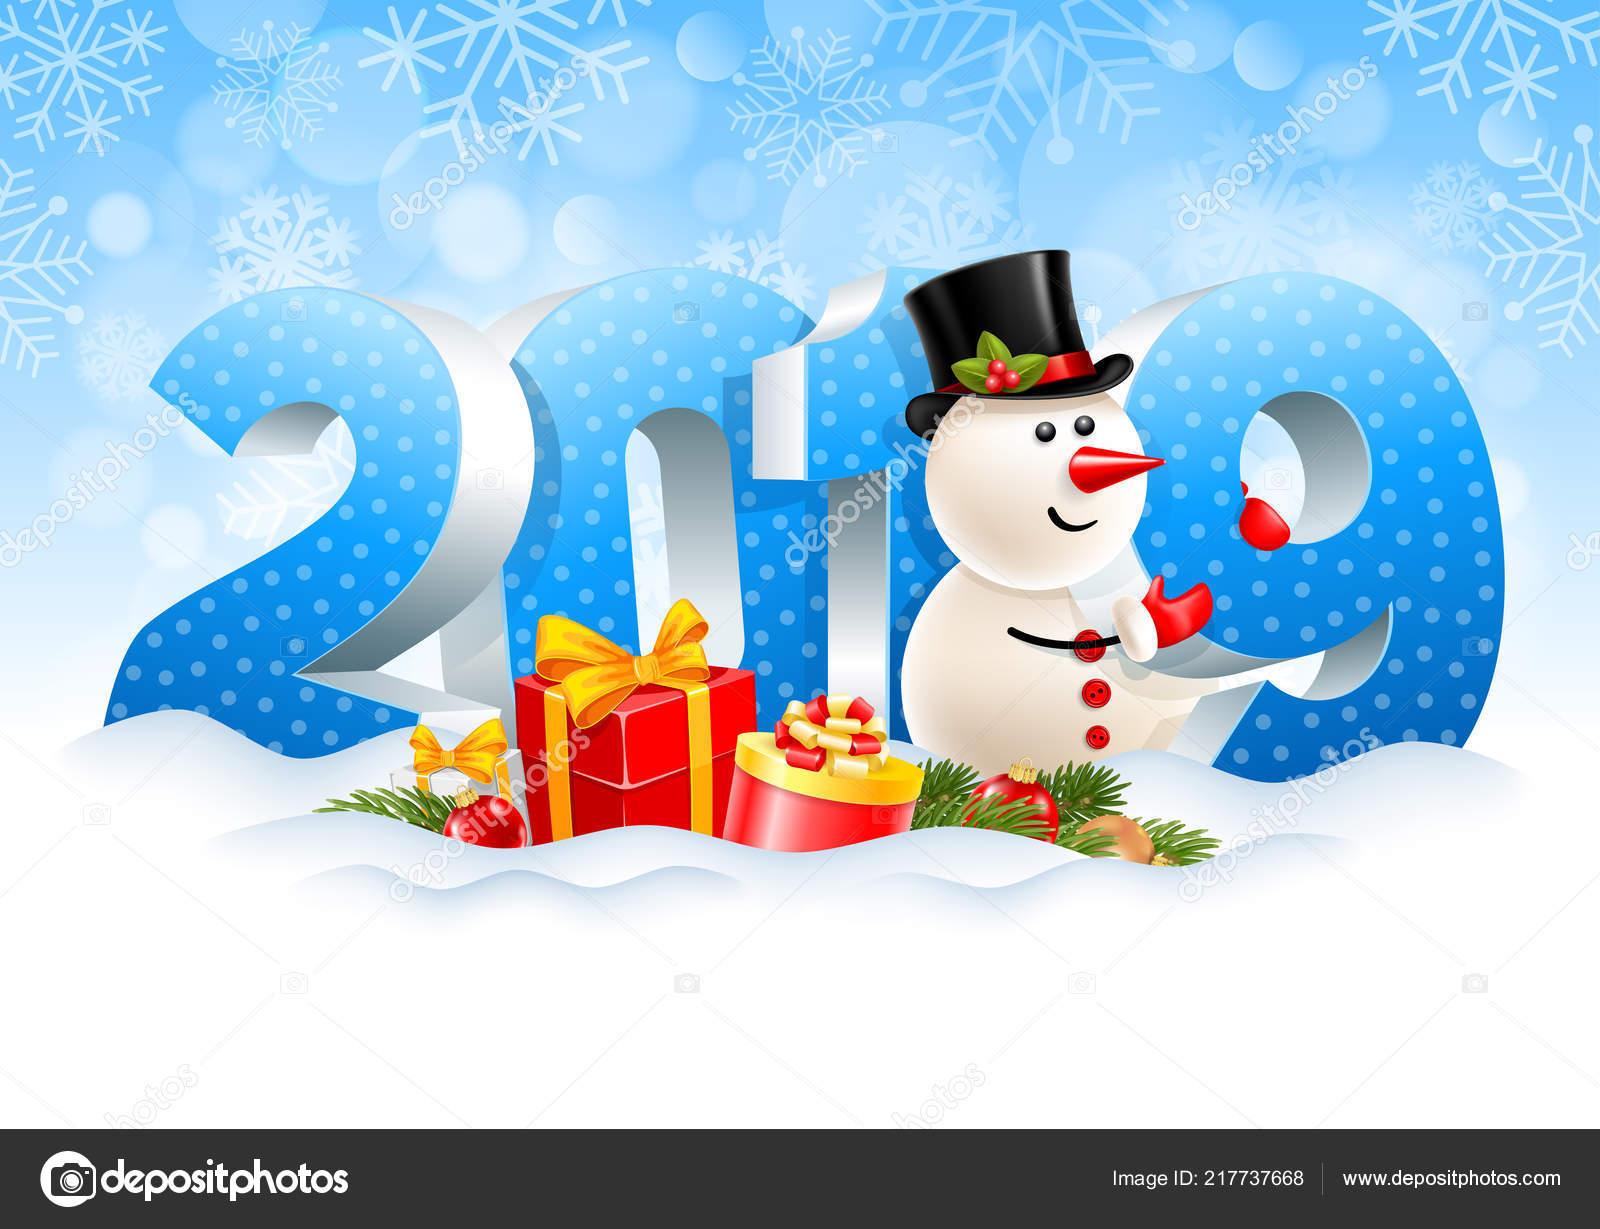 Weihnachten 2019 Schnee.Volumetrische Ziffern 2019 Und Schneemann Geschenke Filialen